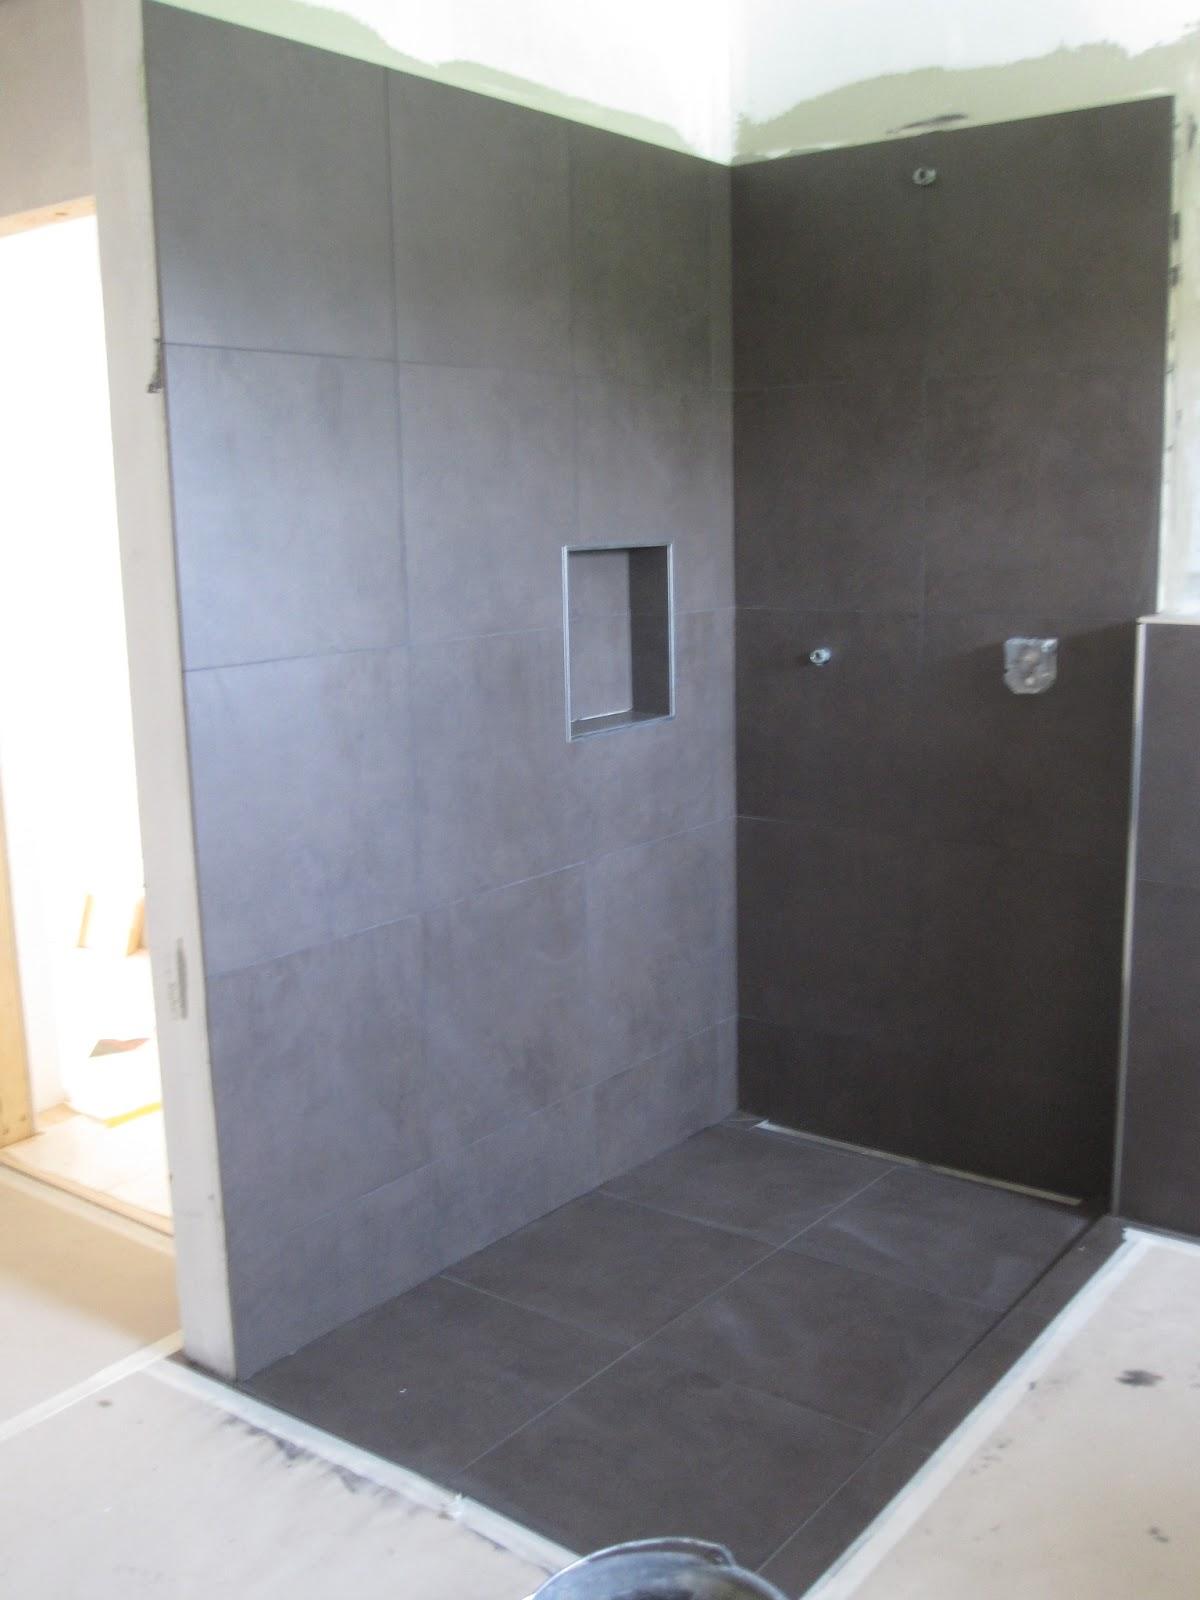 holzhaus wir bauen ein haus aus holz boden verlegen. Black Bedroom Furniture Sets. Home Design Ideas